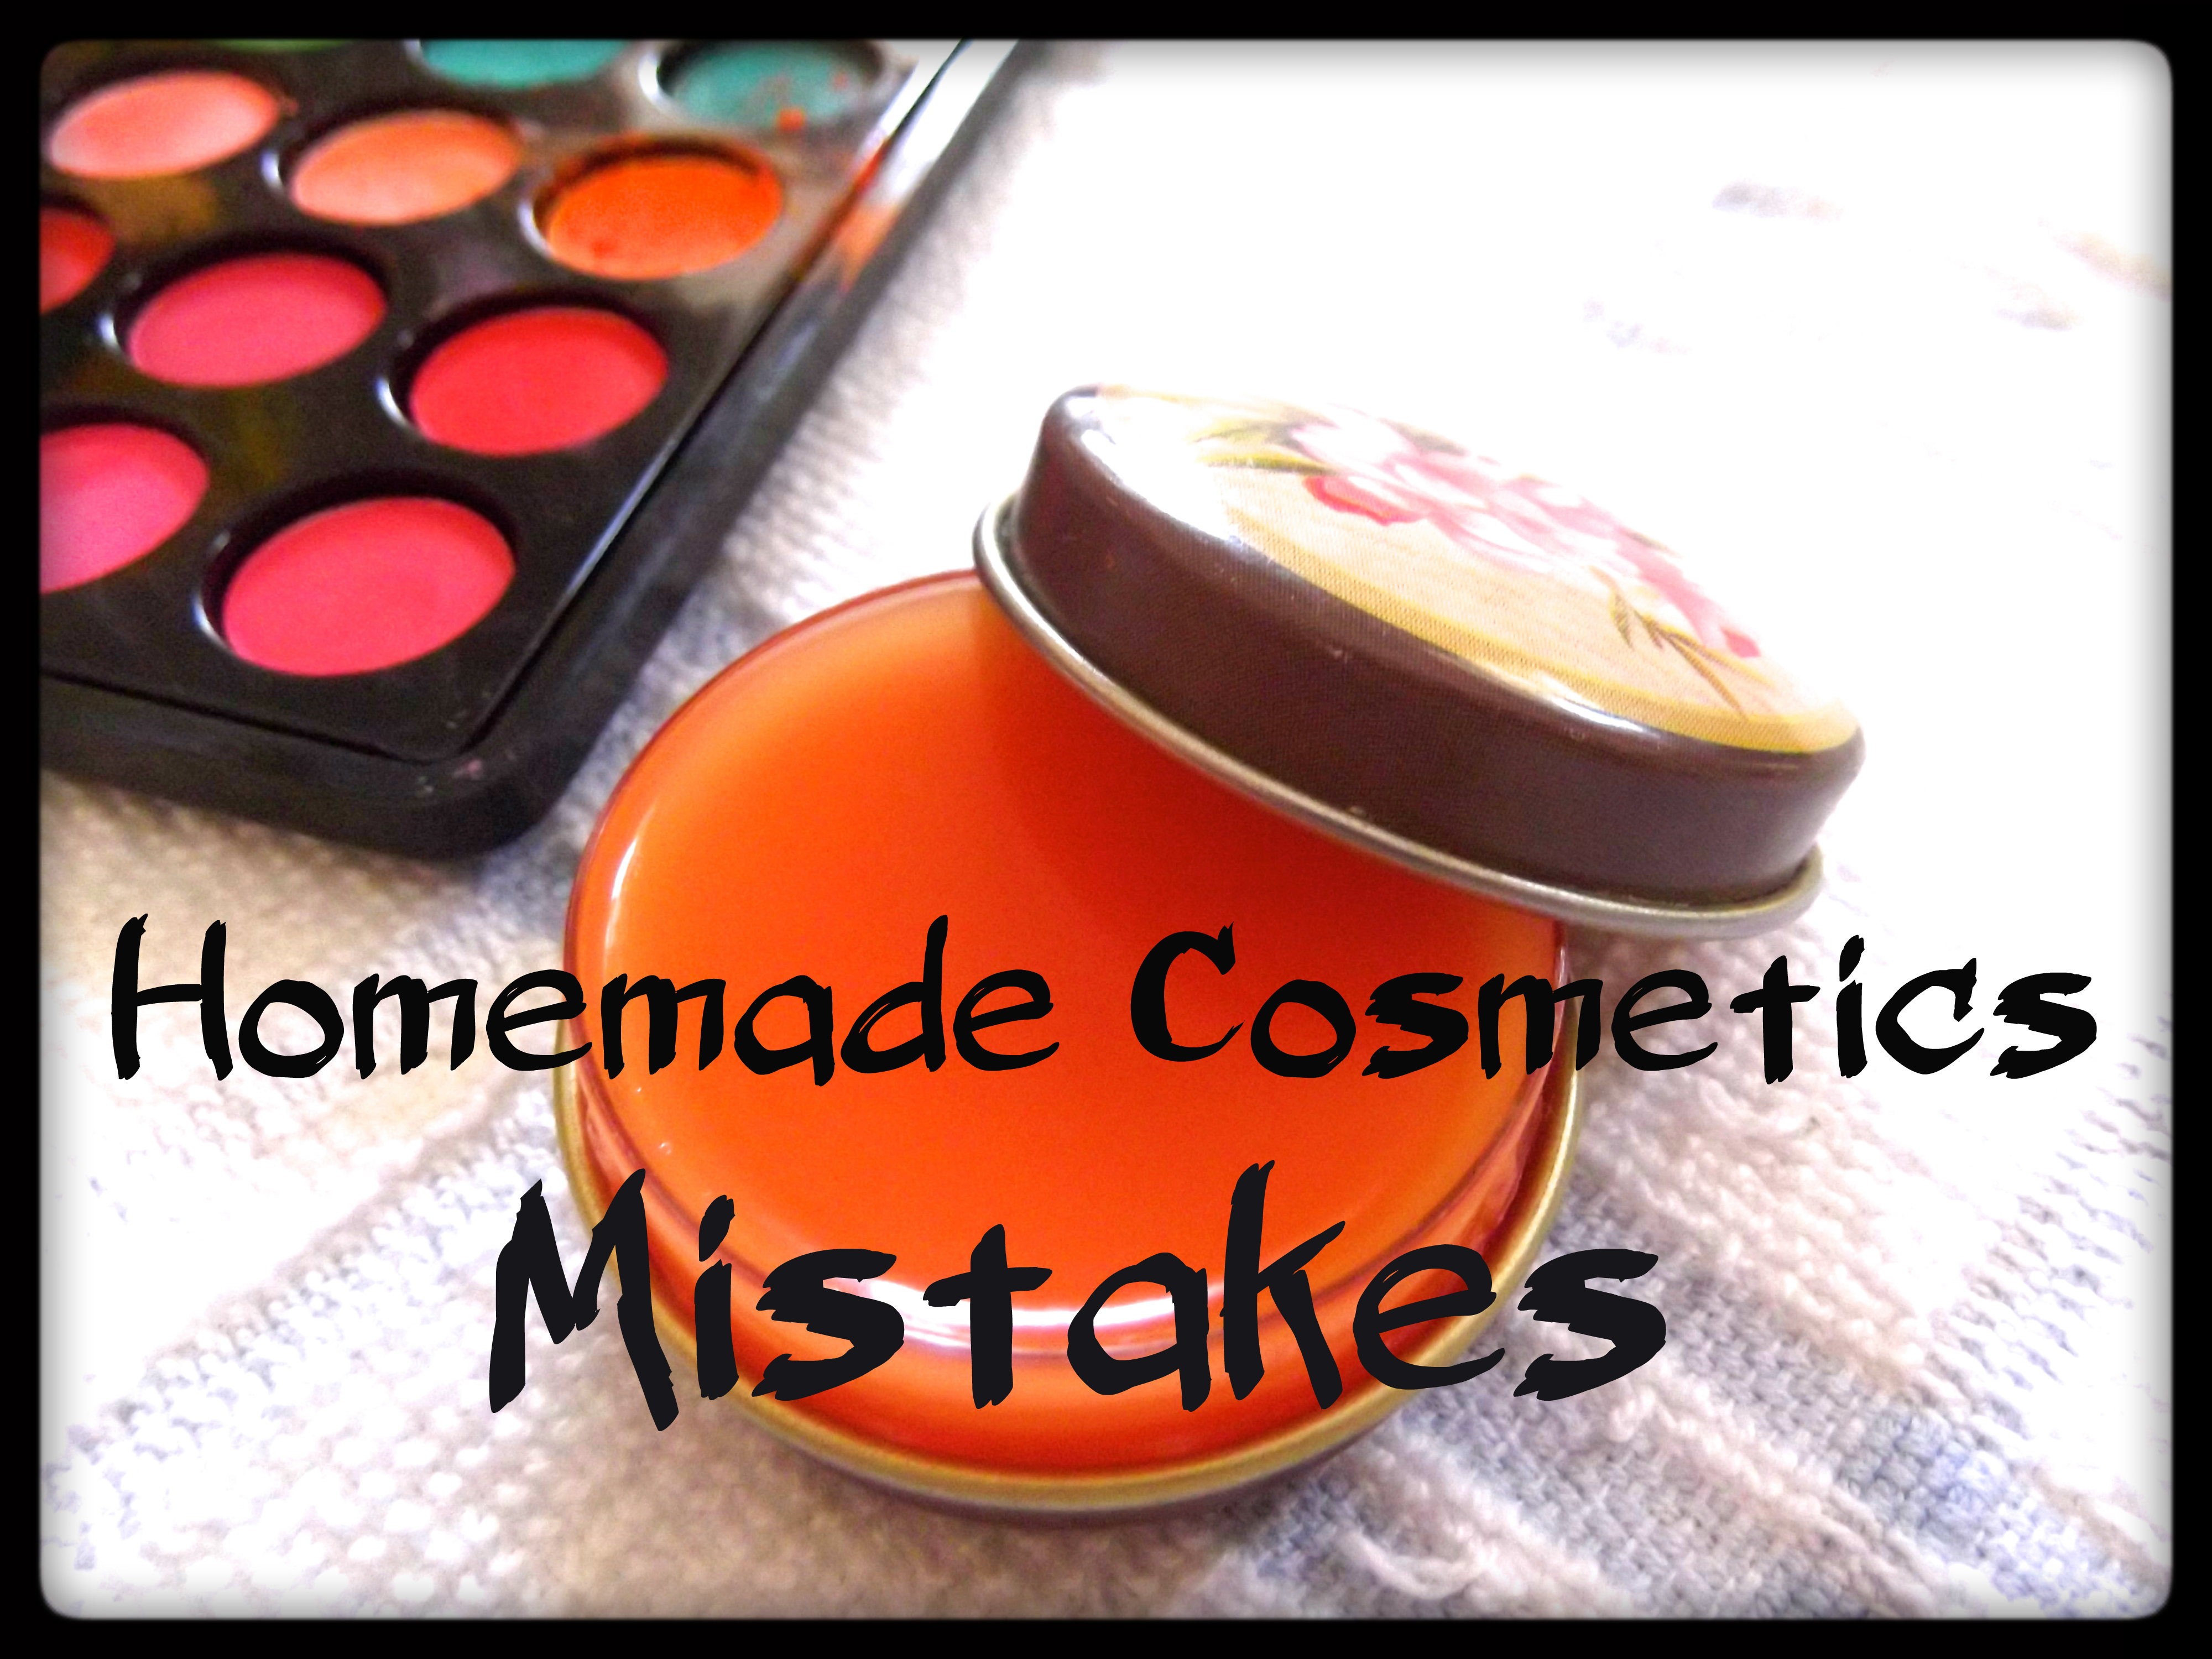 Homemade Cosmettics 53